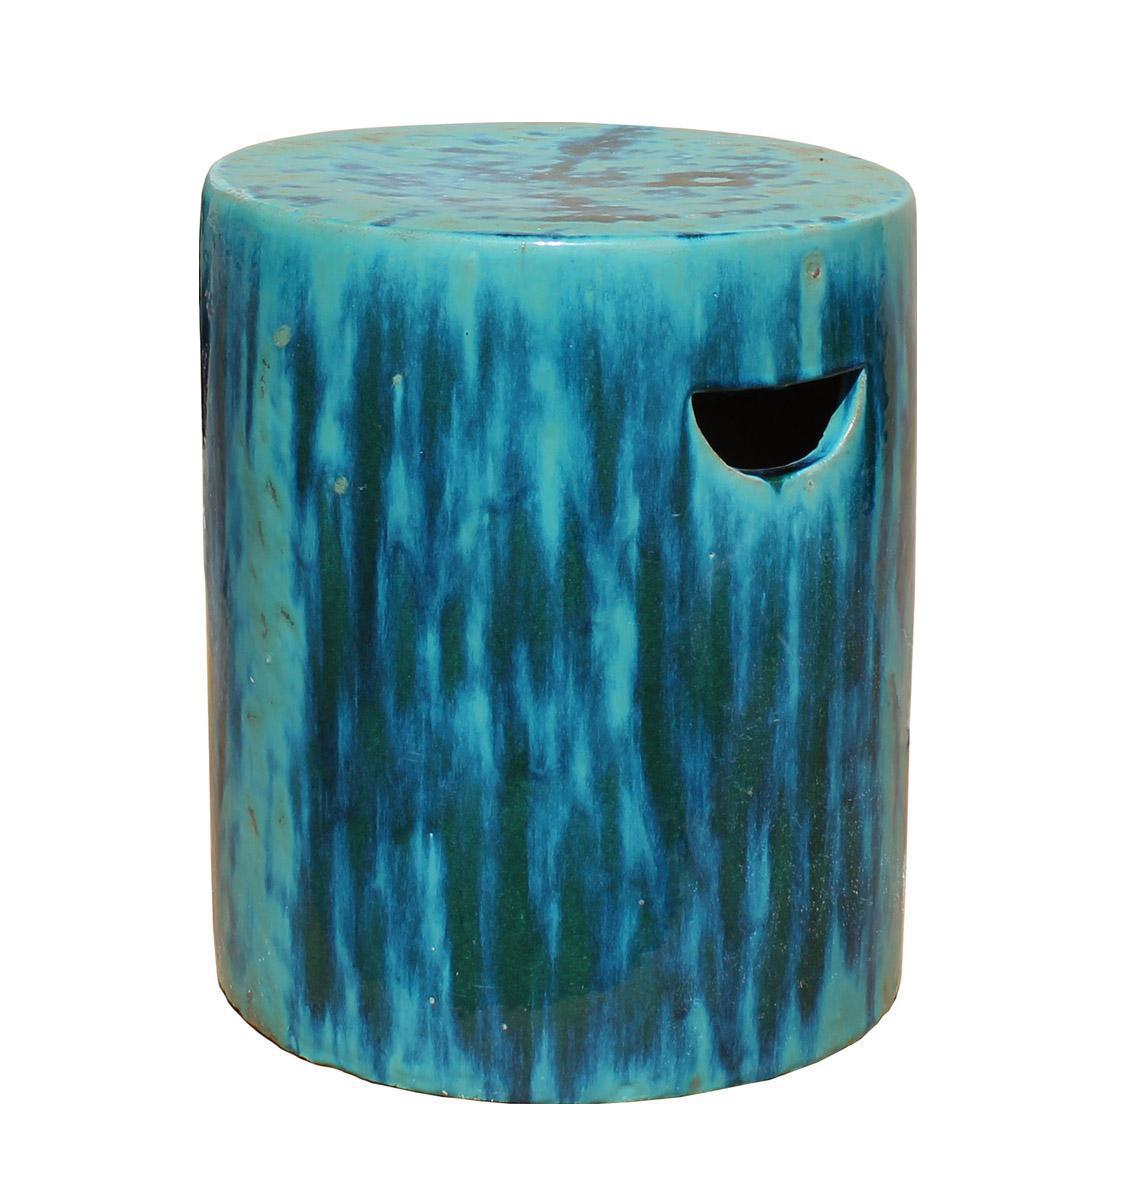 Chinese Ceramic Clay Turquoise Green Glaze Round Garden Stool cs2841 |  Chairish